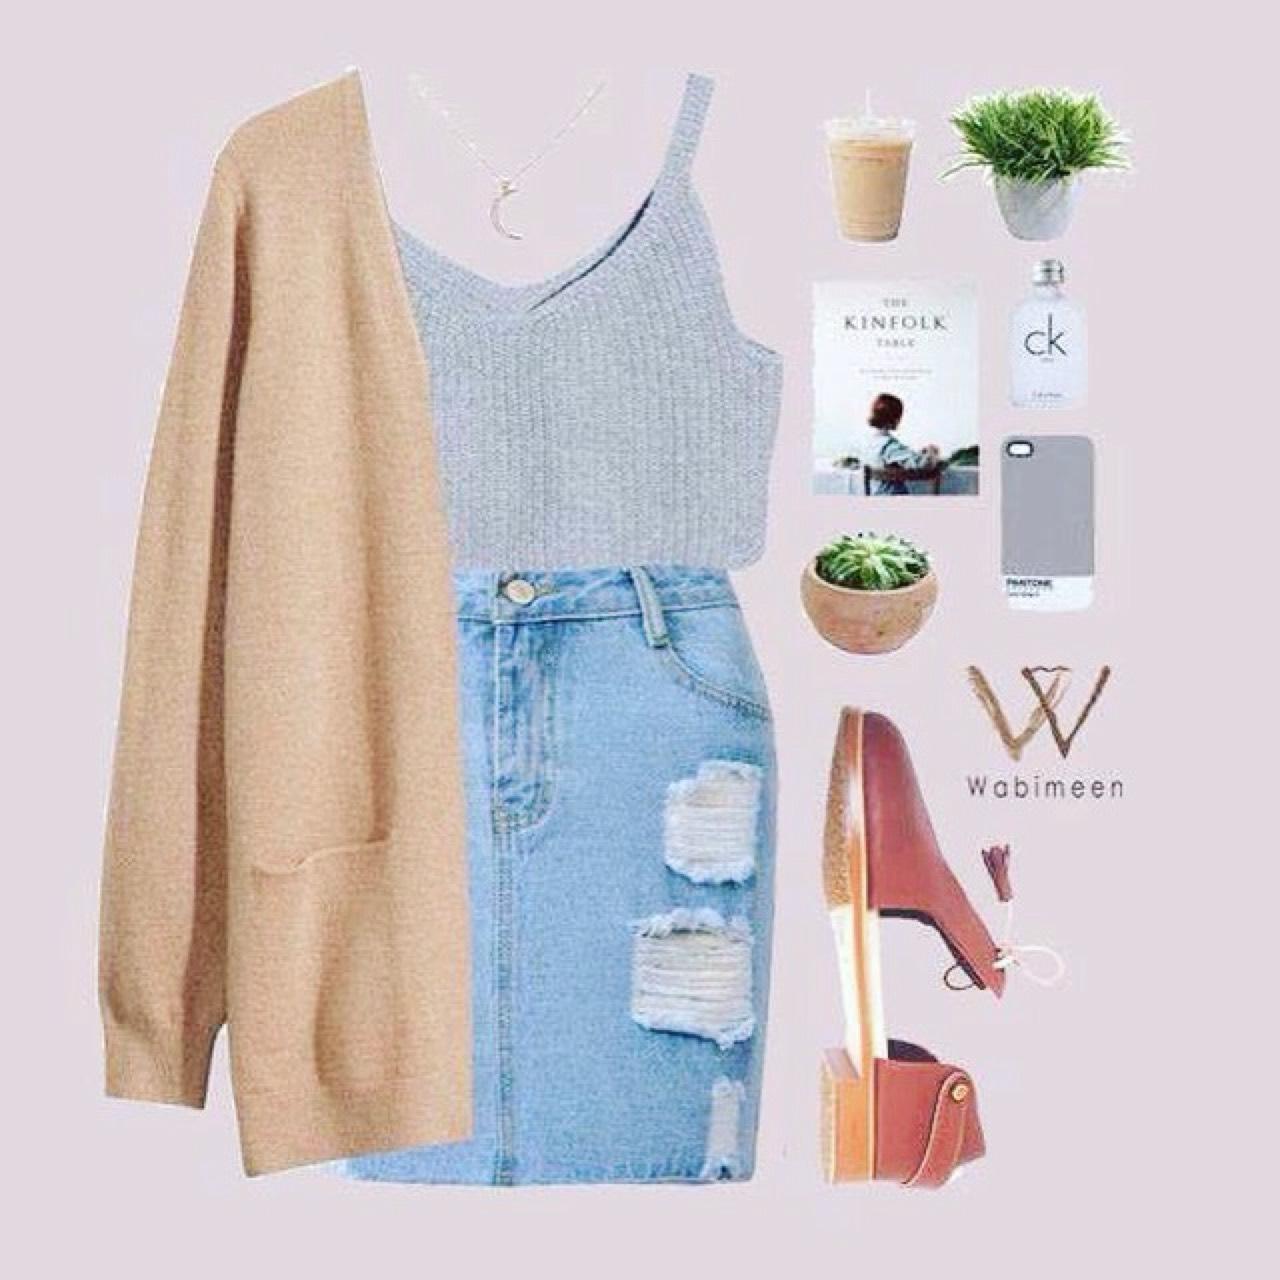 wabimeen,shoes,brand,handmade,Wabin